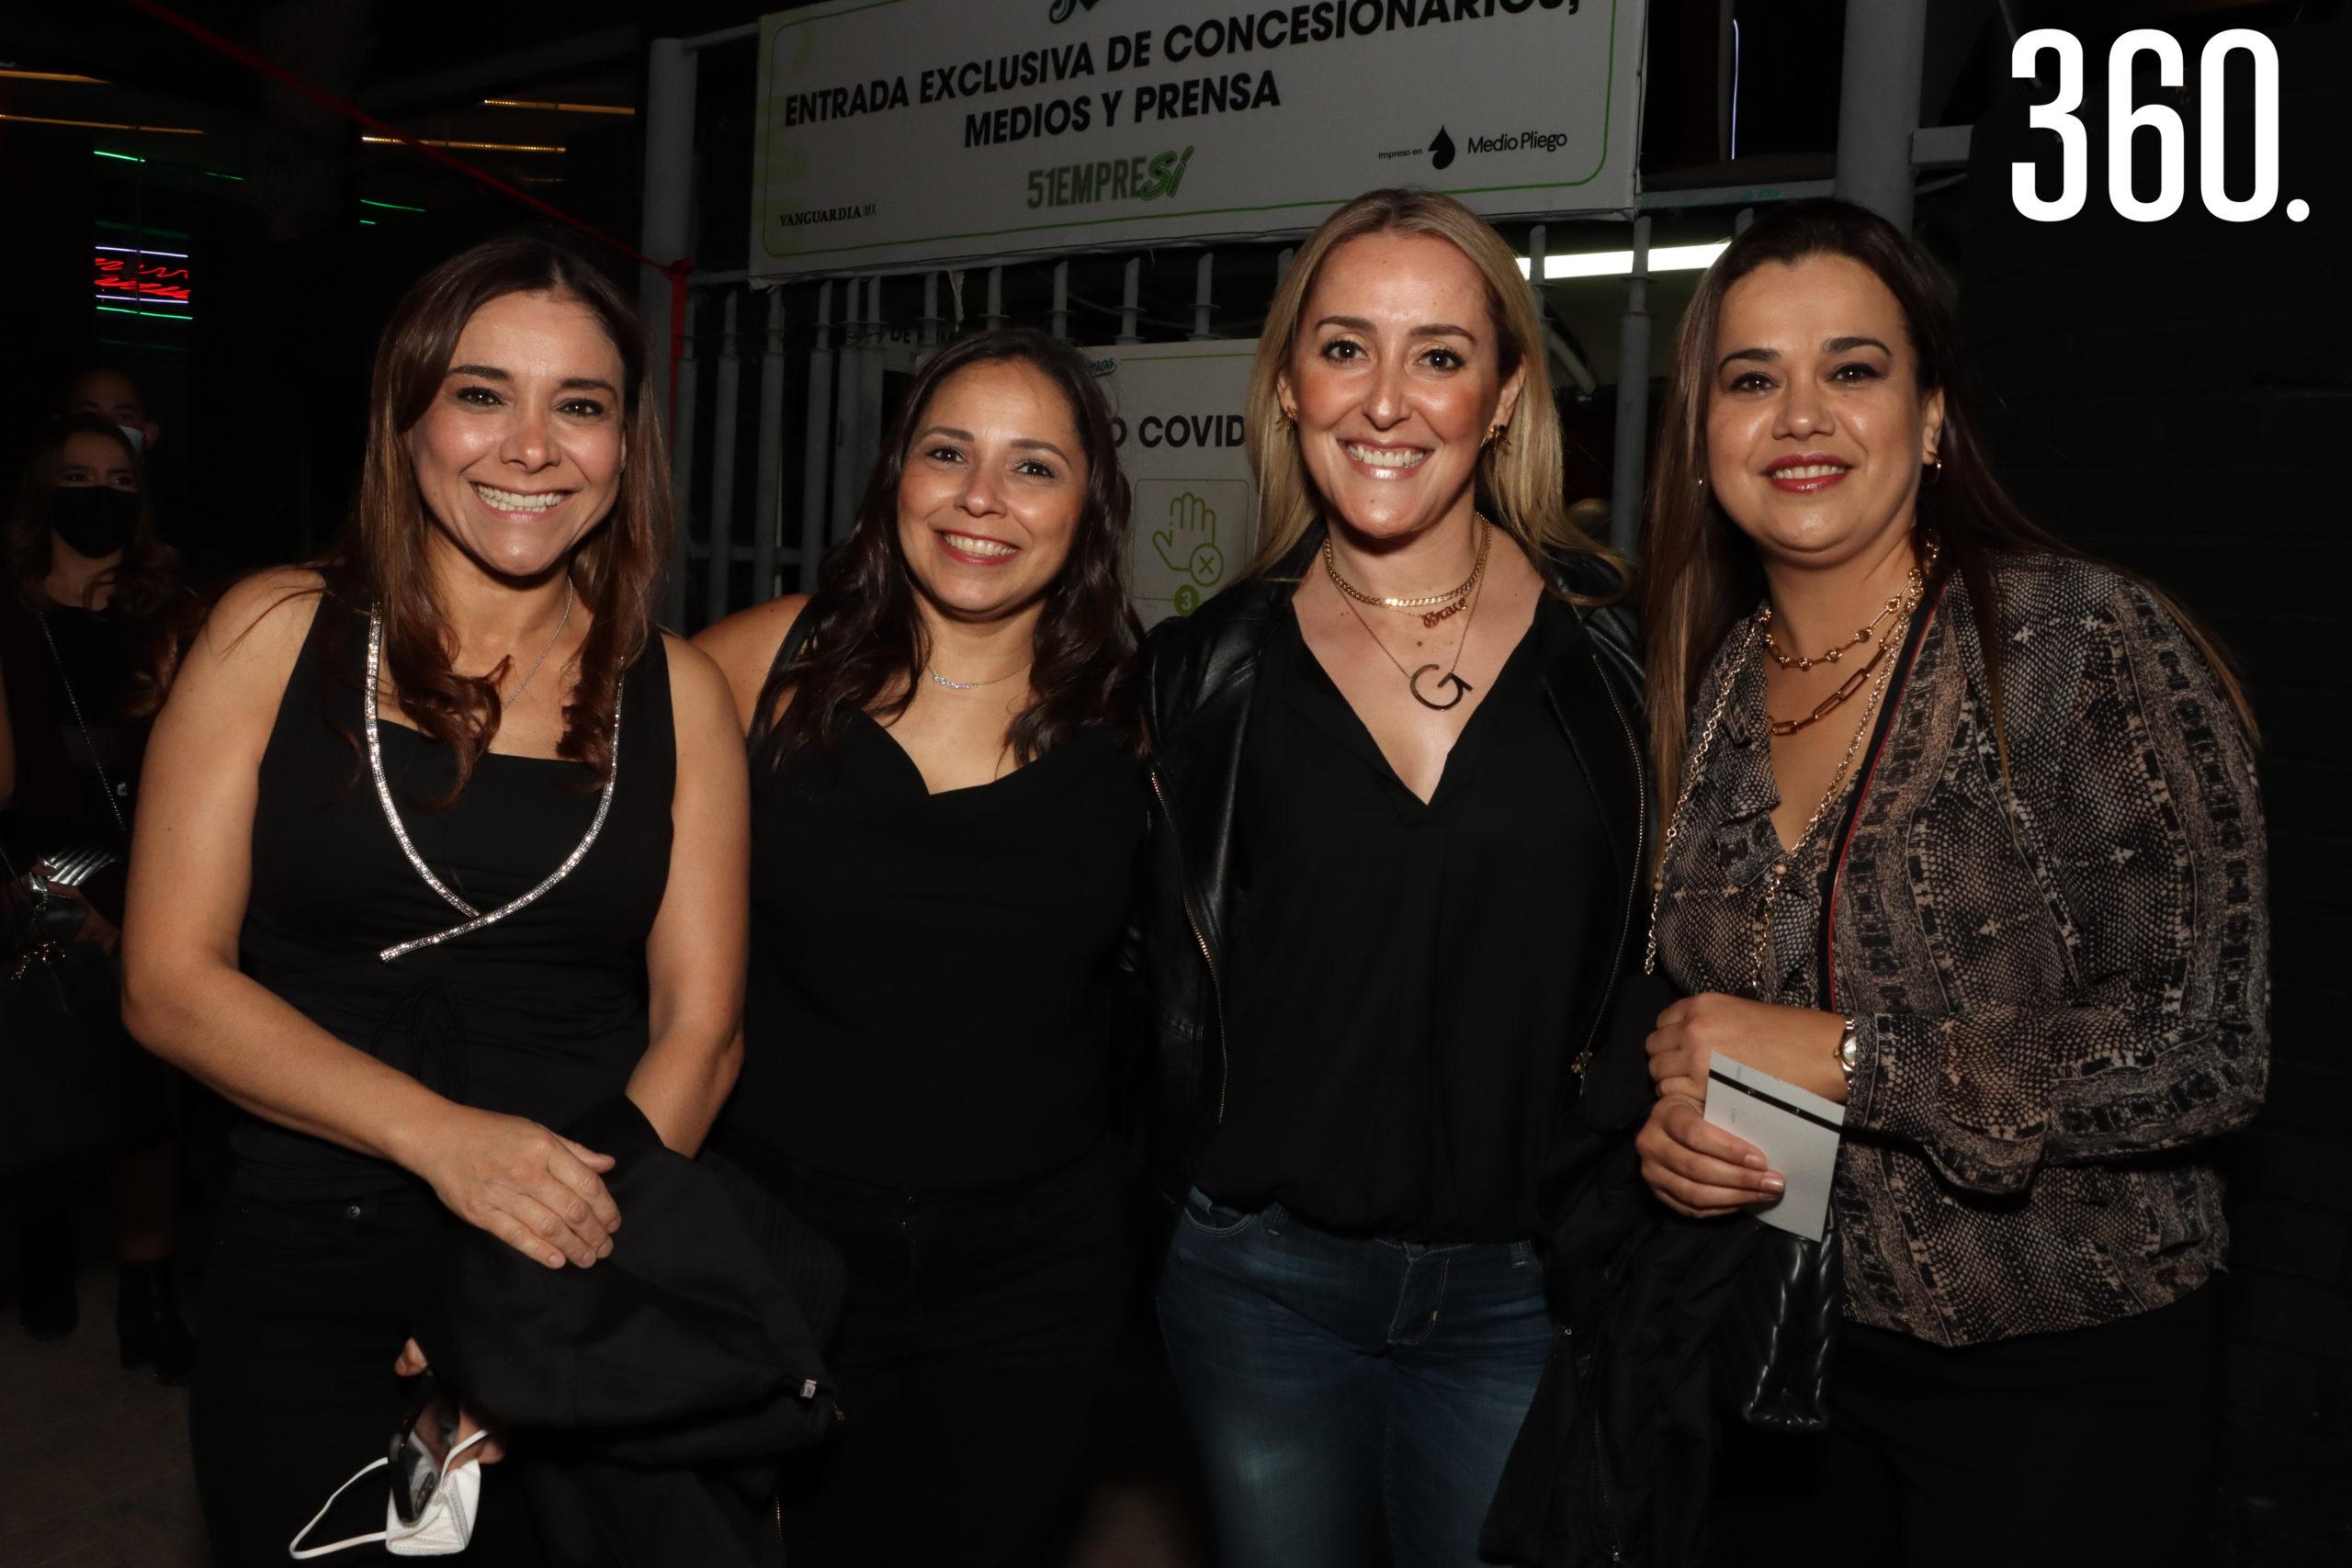 Claudia Horta, Carolina García, Grace Alemán y Lucía Aguilar.